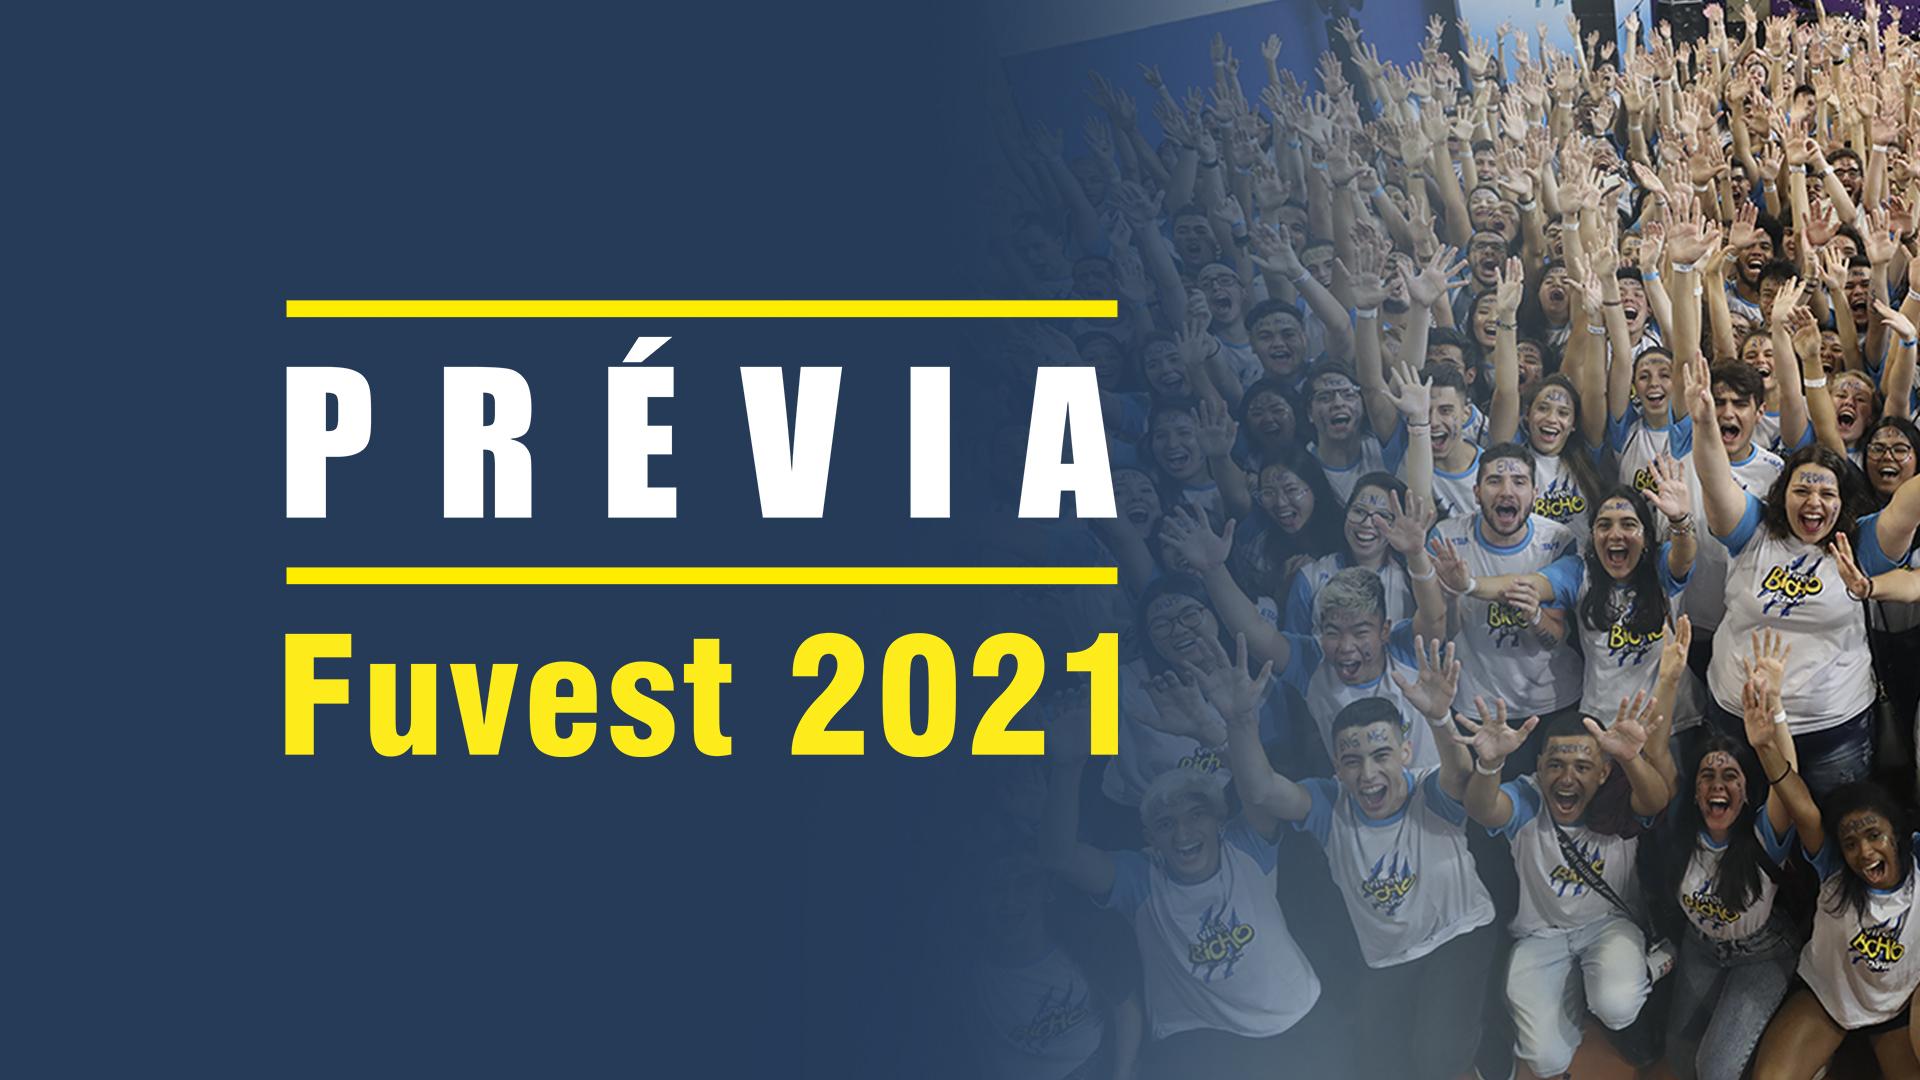 Prévia Fuvest 2021: compare as notas obtidas na primeira fase